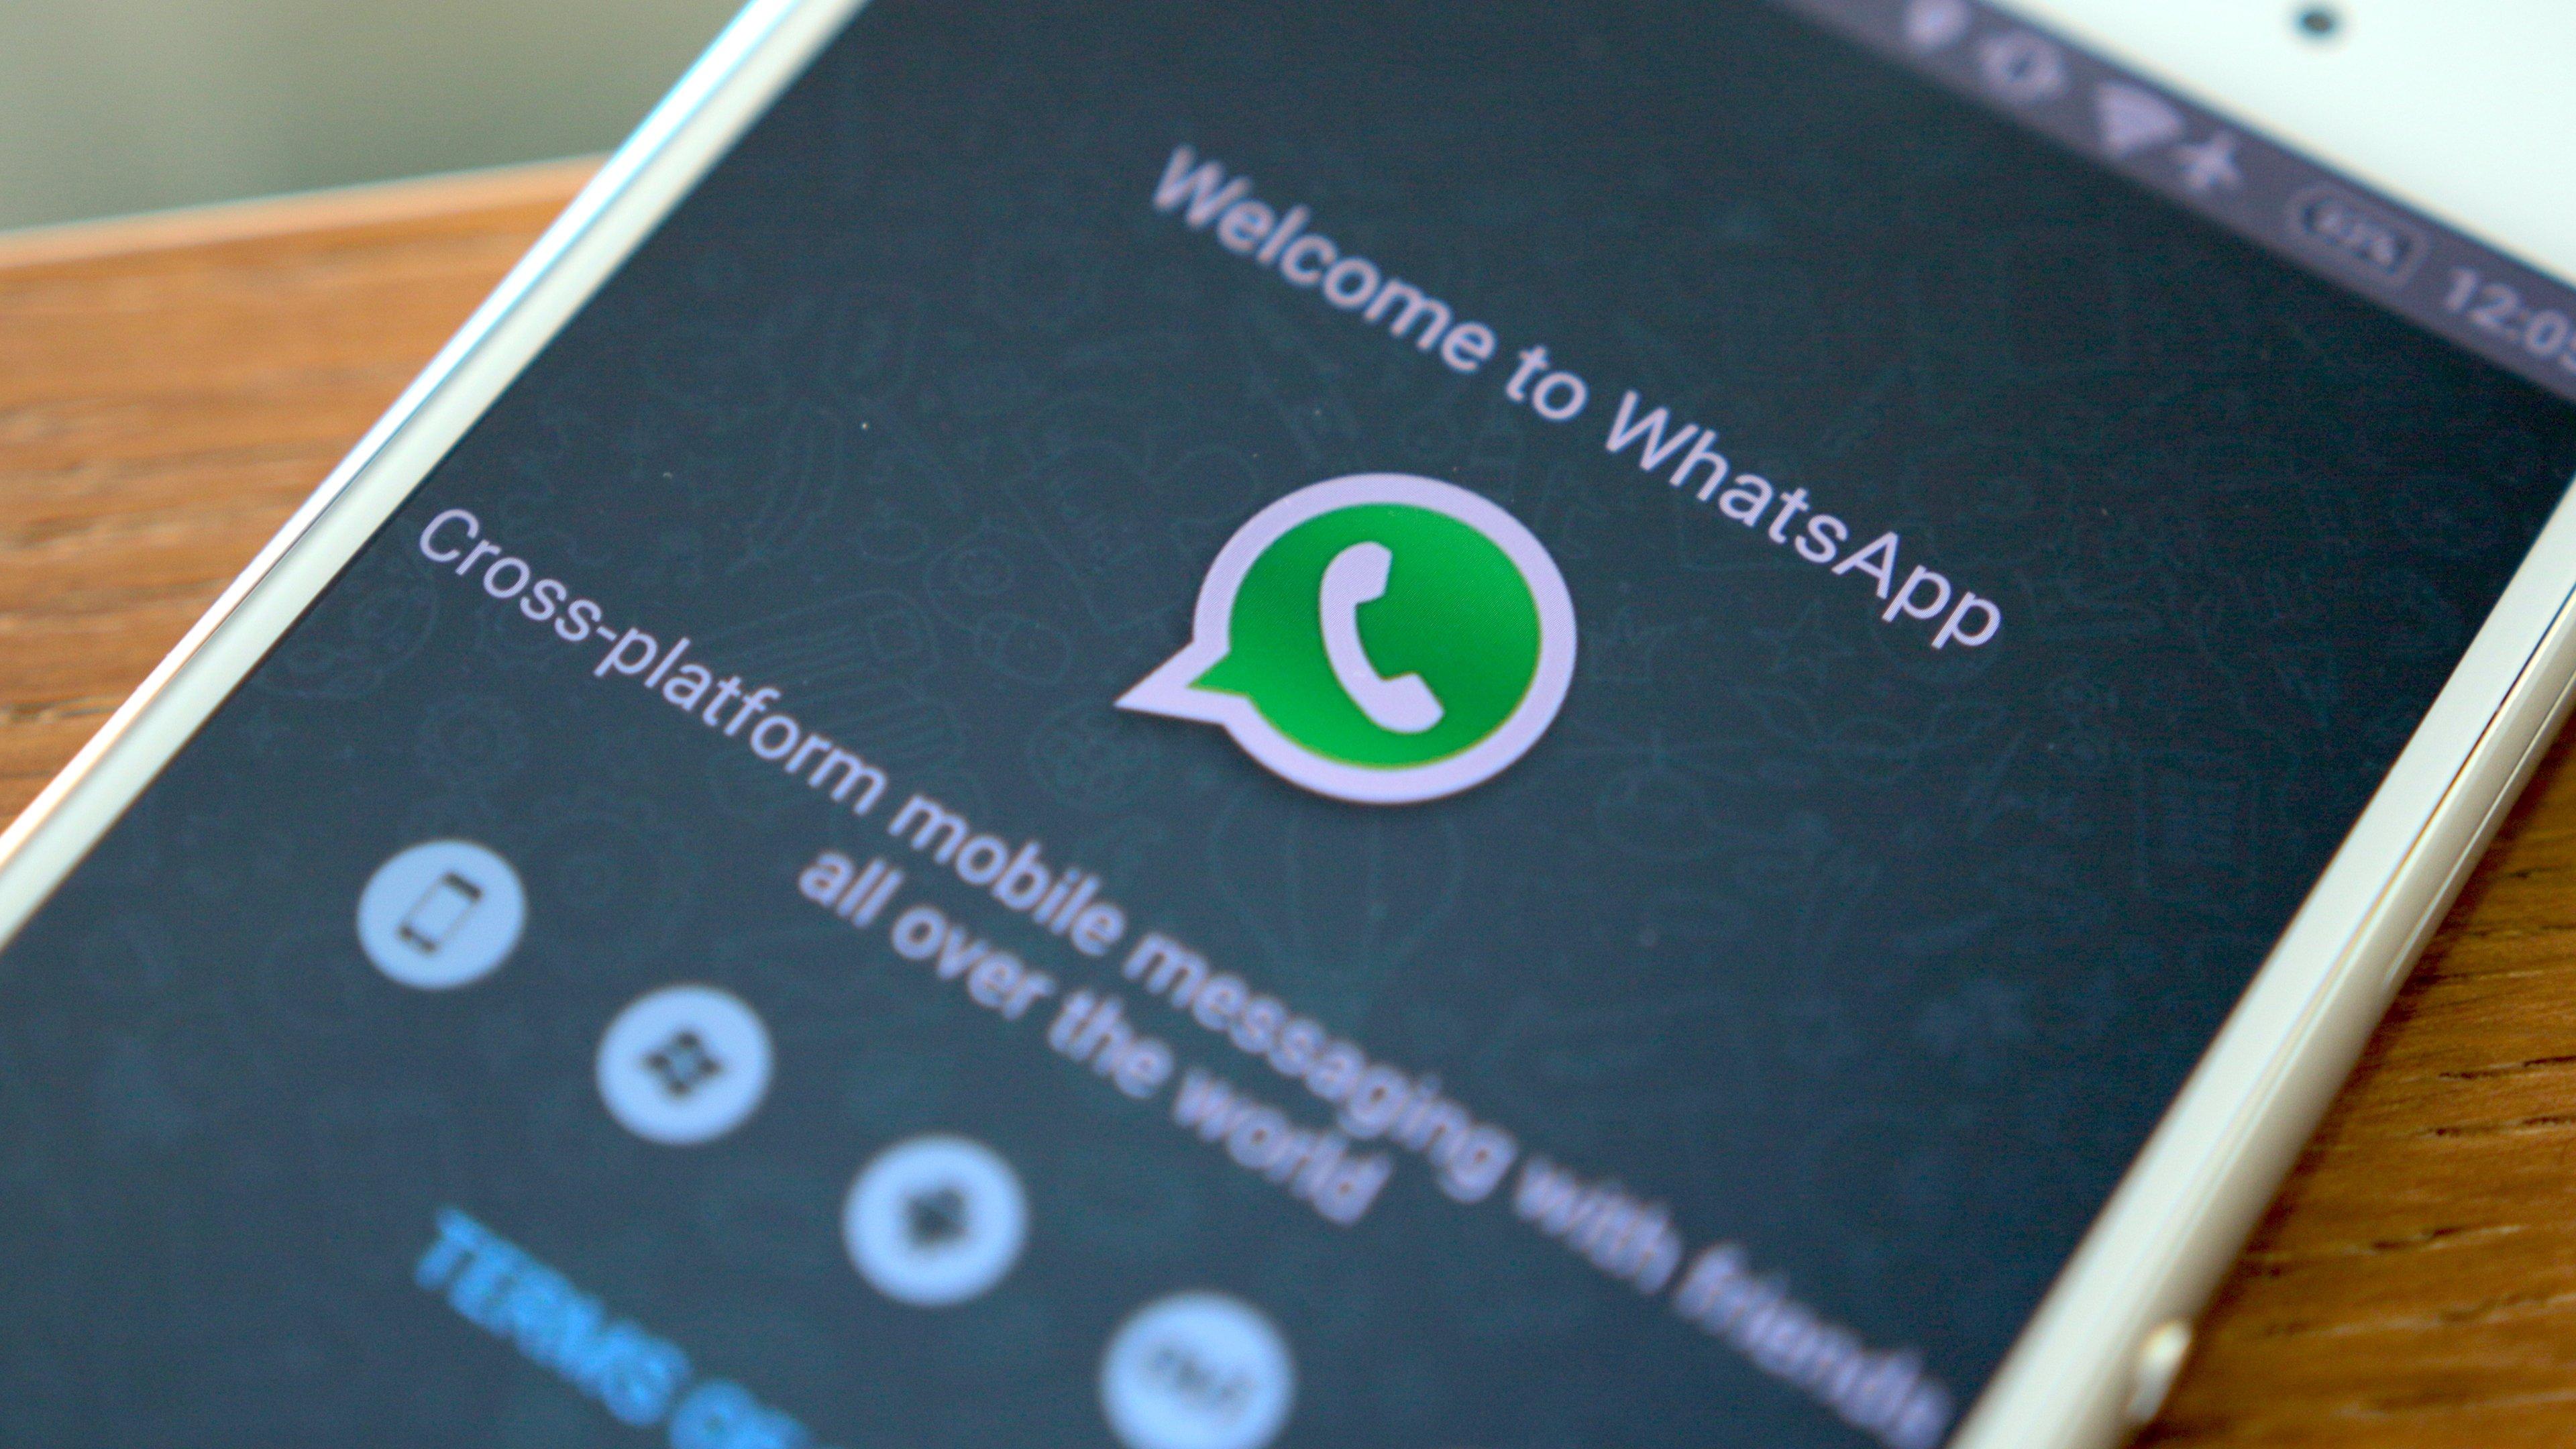 WhatsApp novità 2016: emoji XL, GIF e multi-account